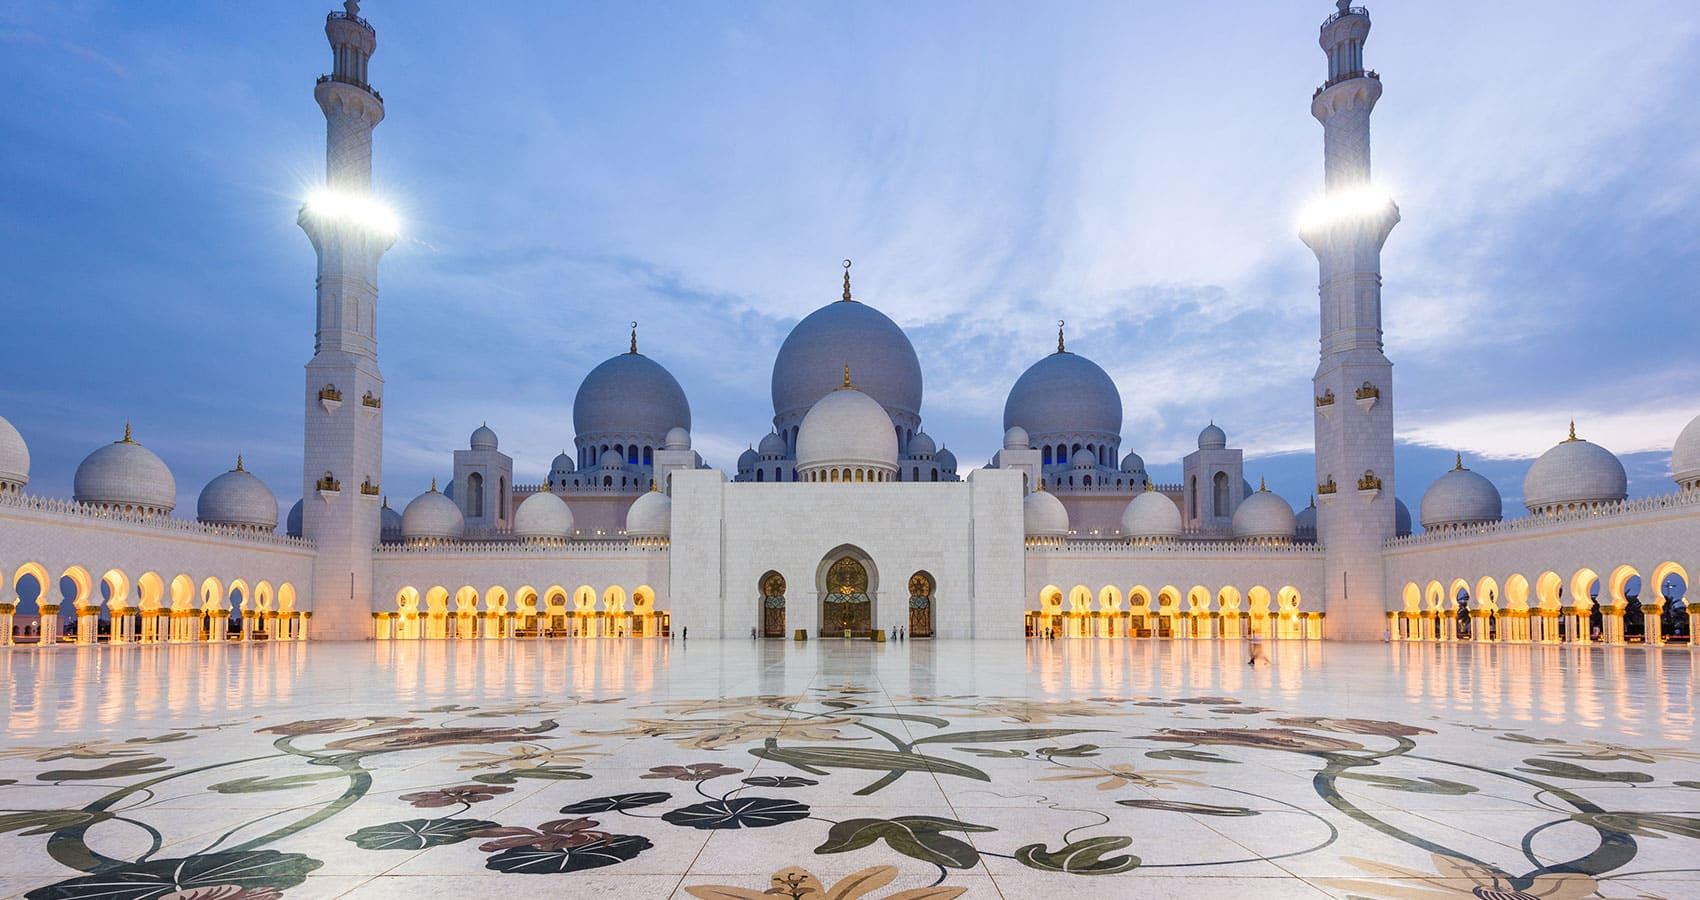 La mezquita de Abu Dhabi al atardecer